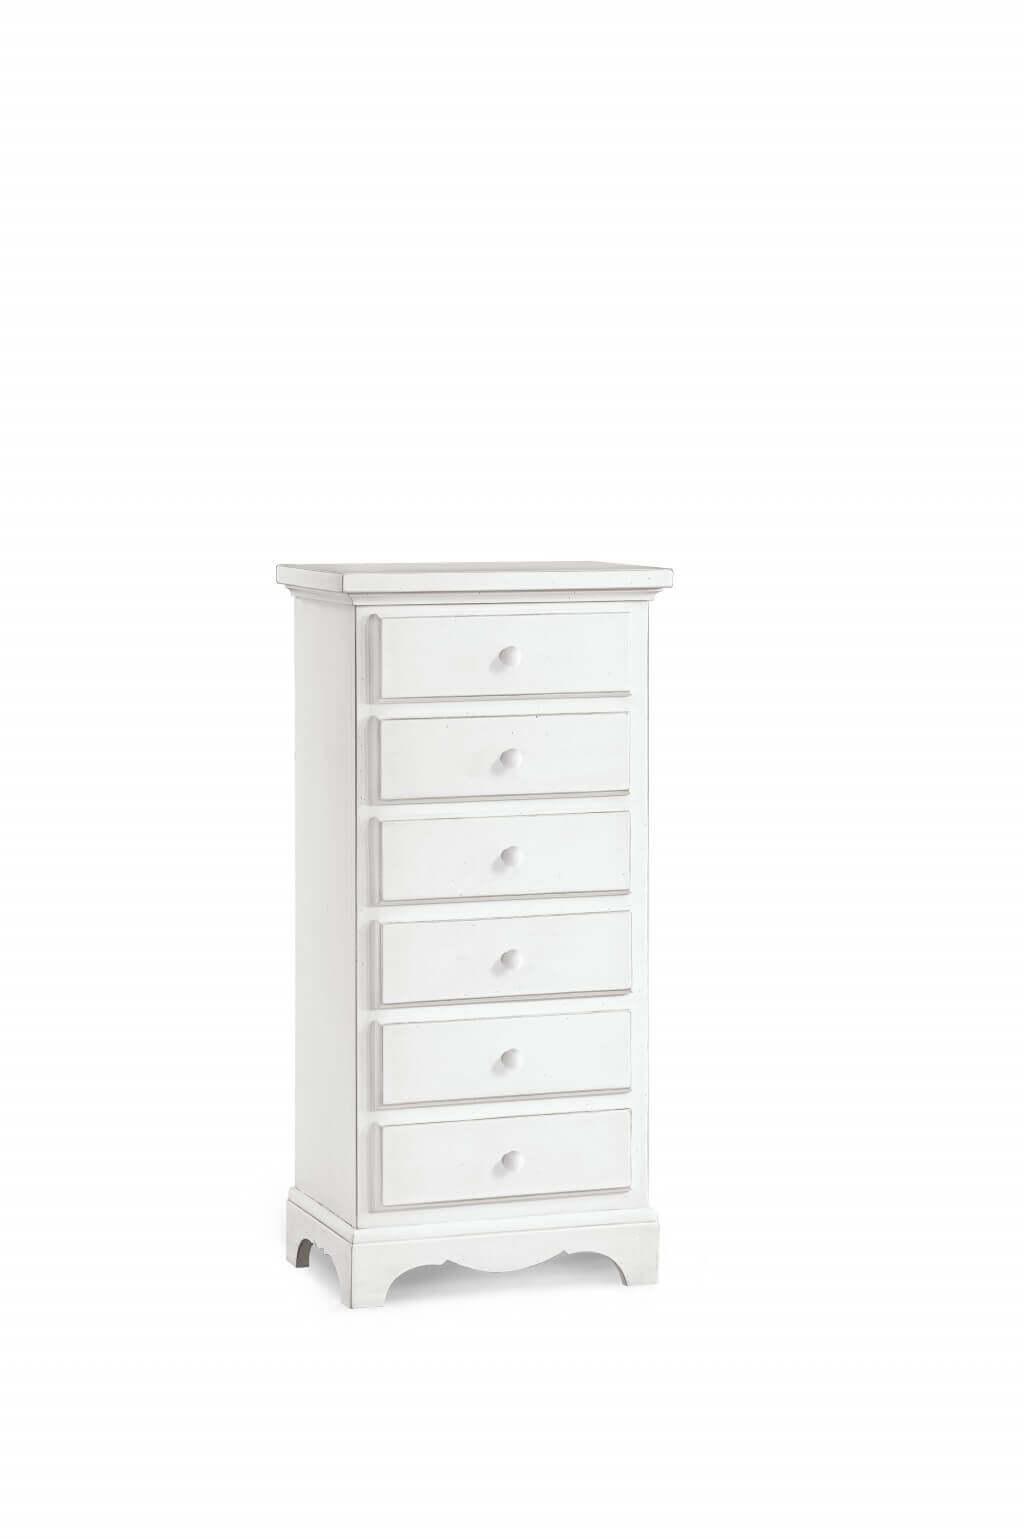 Milani Home BRIDGET - mobiletto 6 cassetti in legno massello 50x35x105